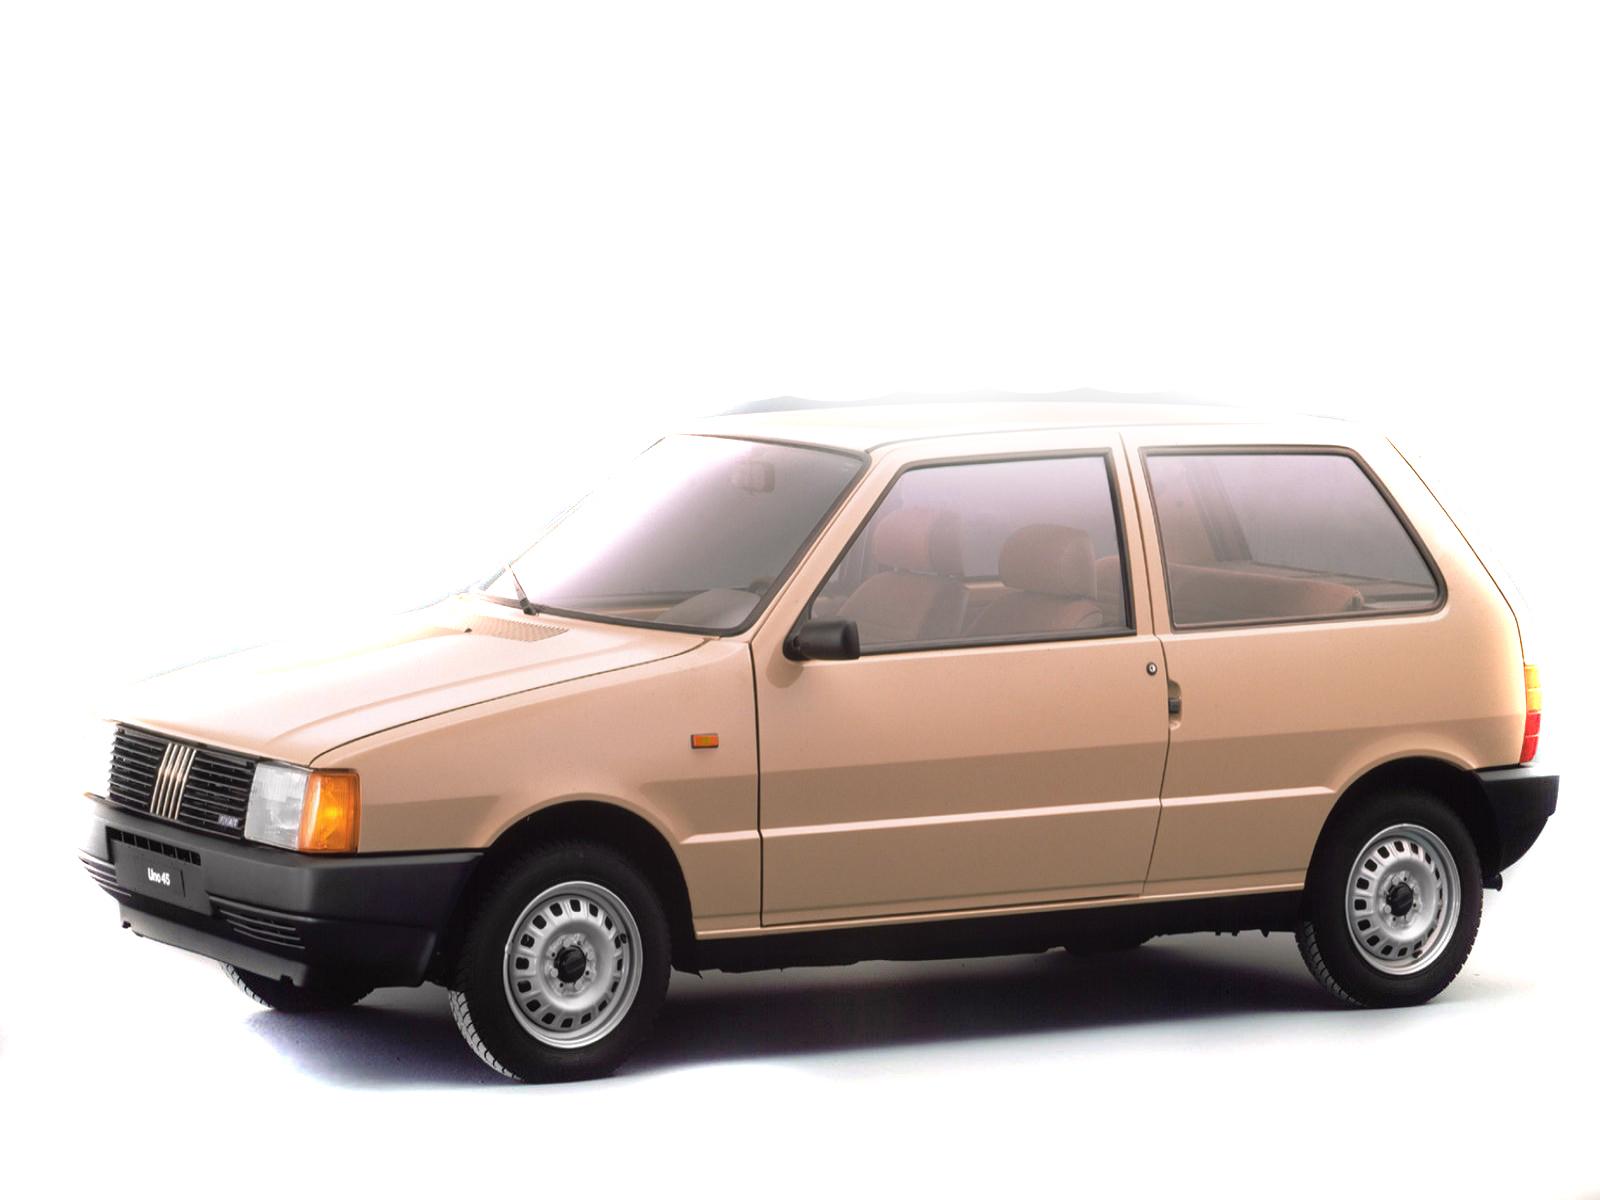 Fiat Uno 1983 Onwards